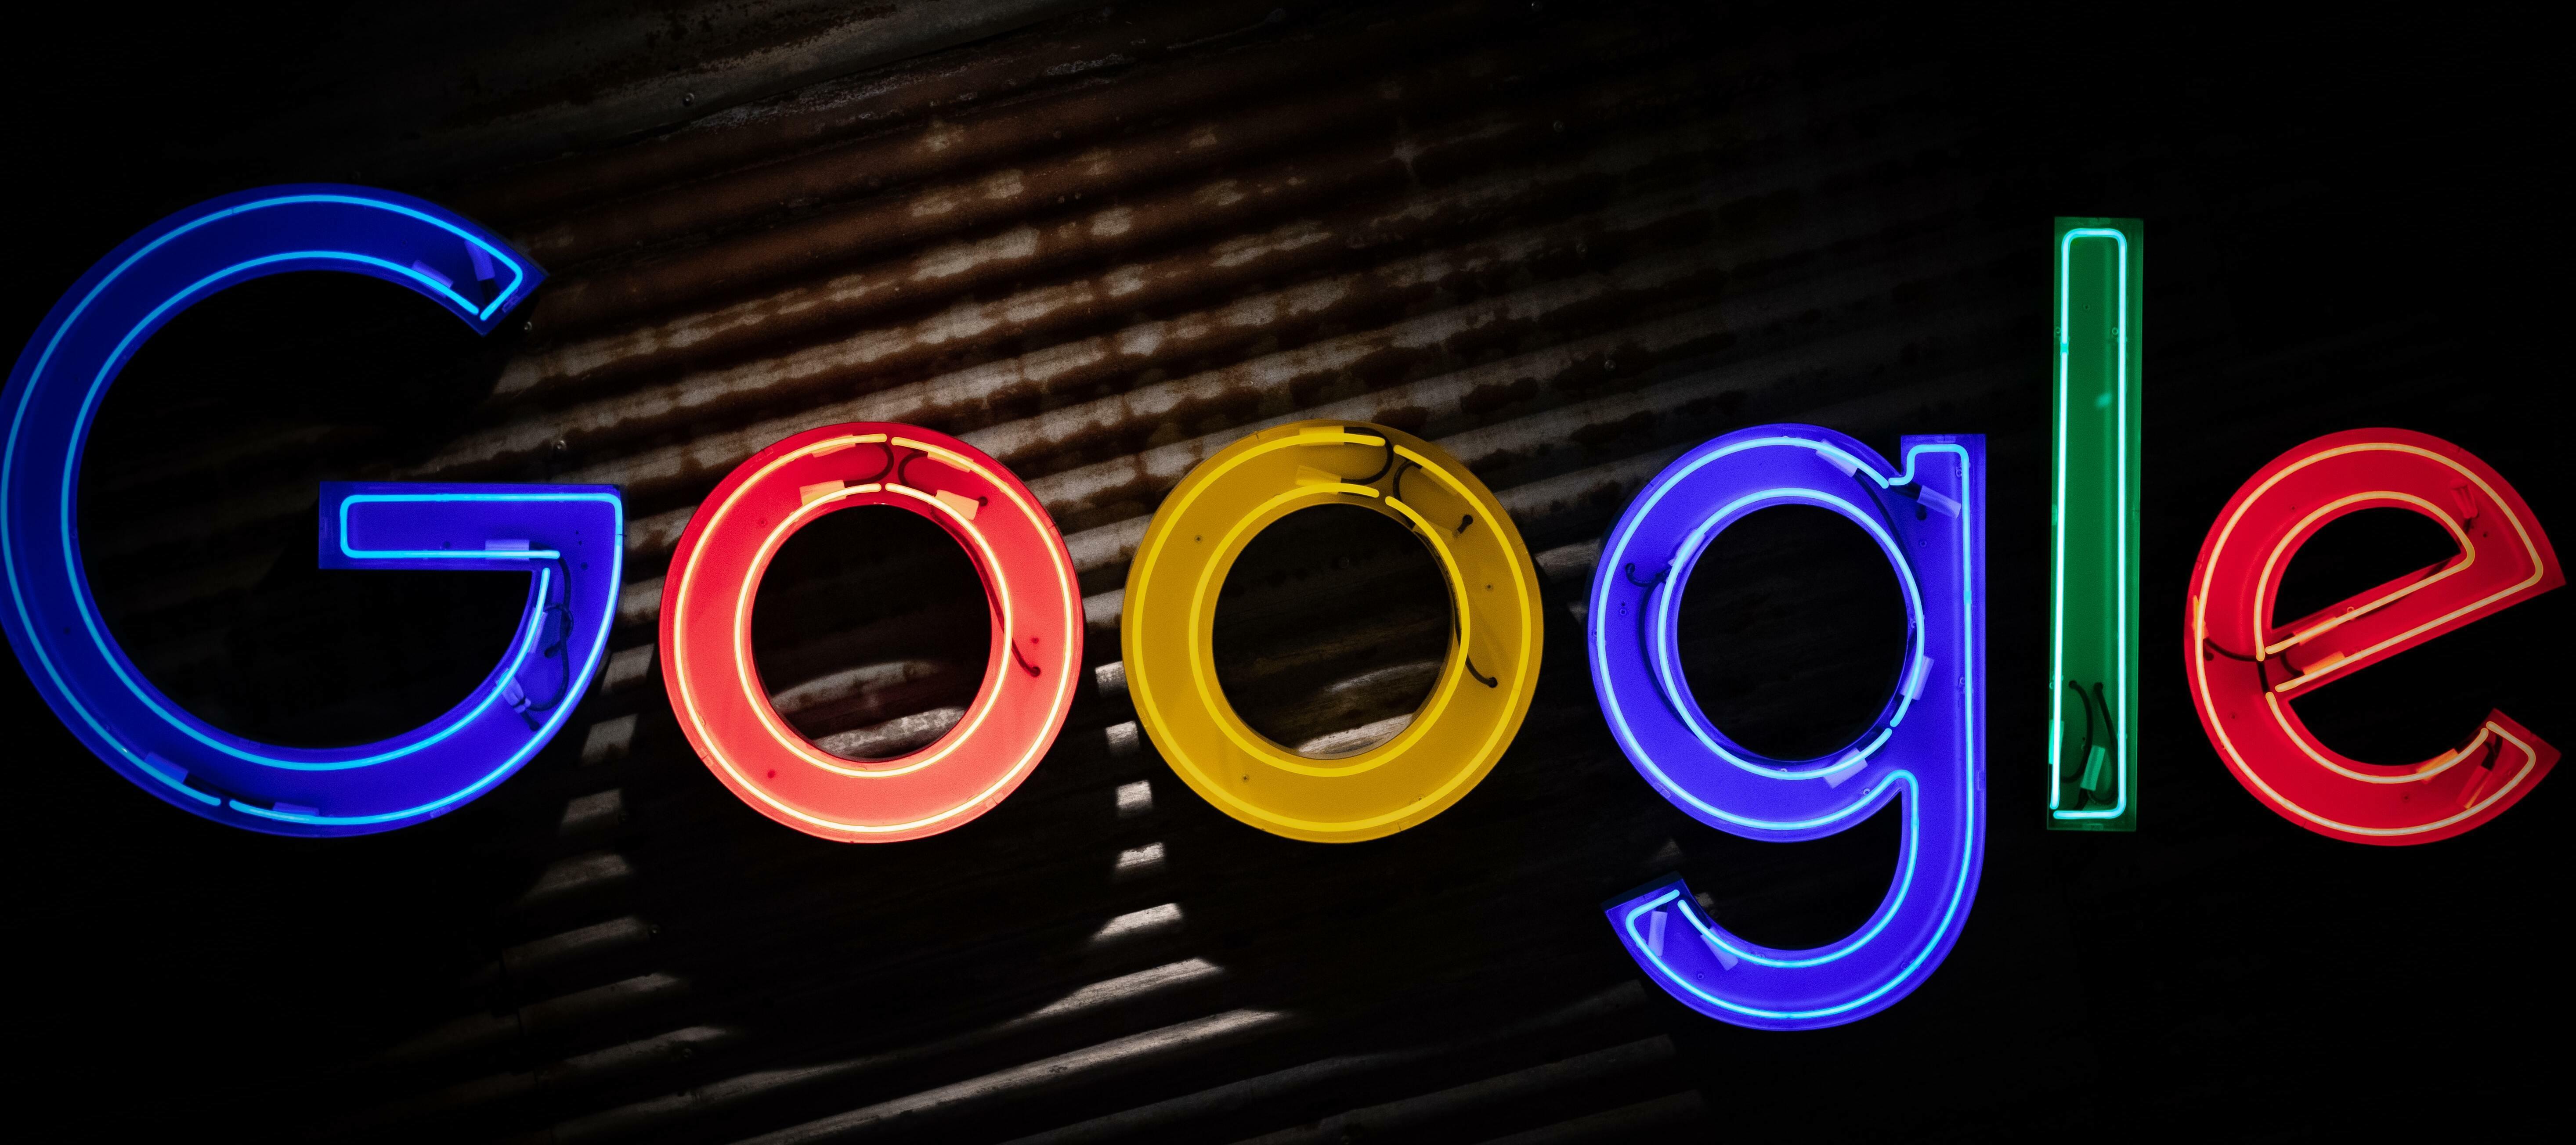 """Google Pixel 4 und DJI Osmo Mobile 2 - ein kurzer """"Testbericht"""" in Pandemiezeiten"""